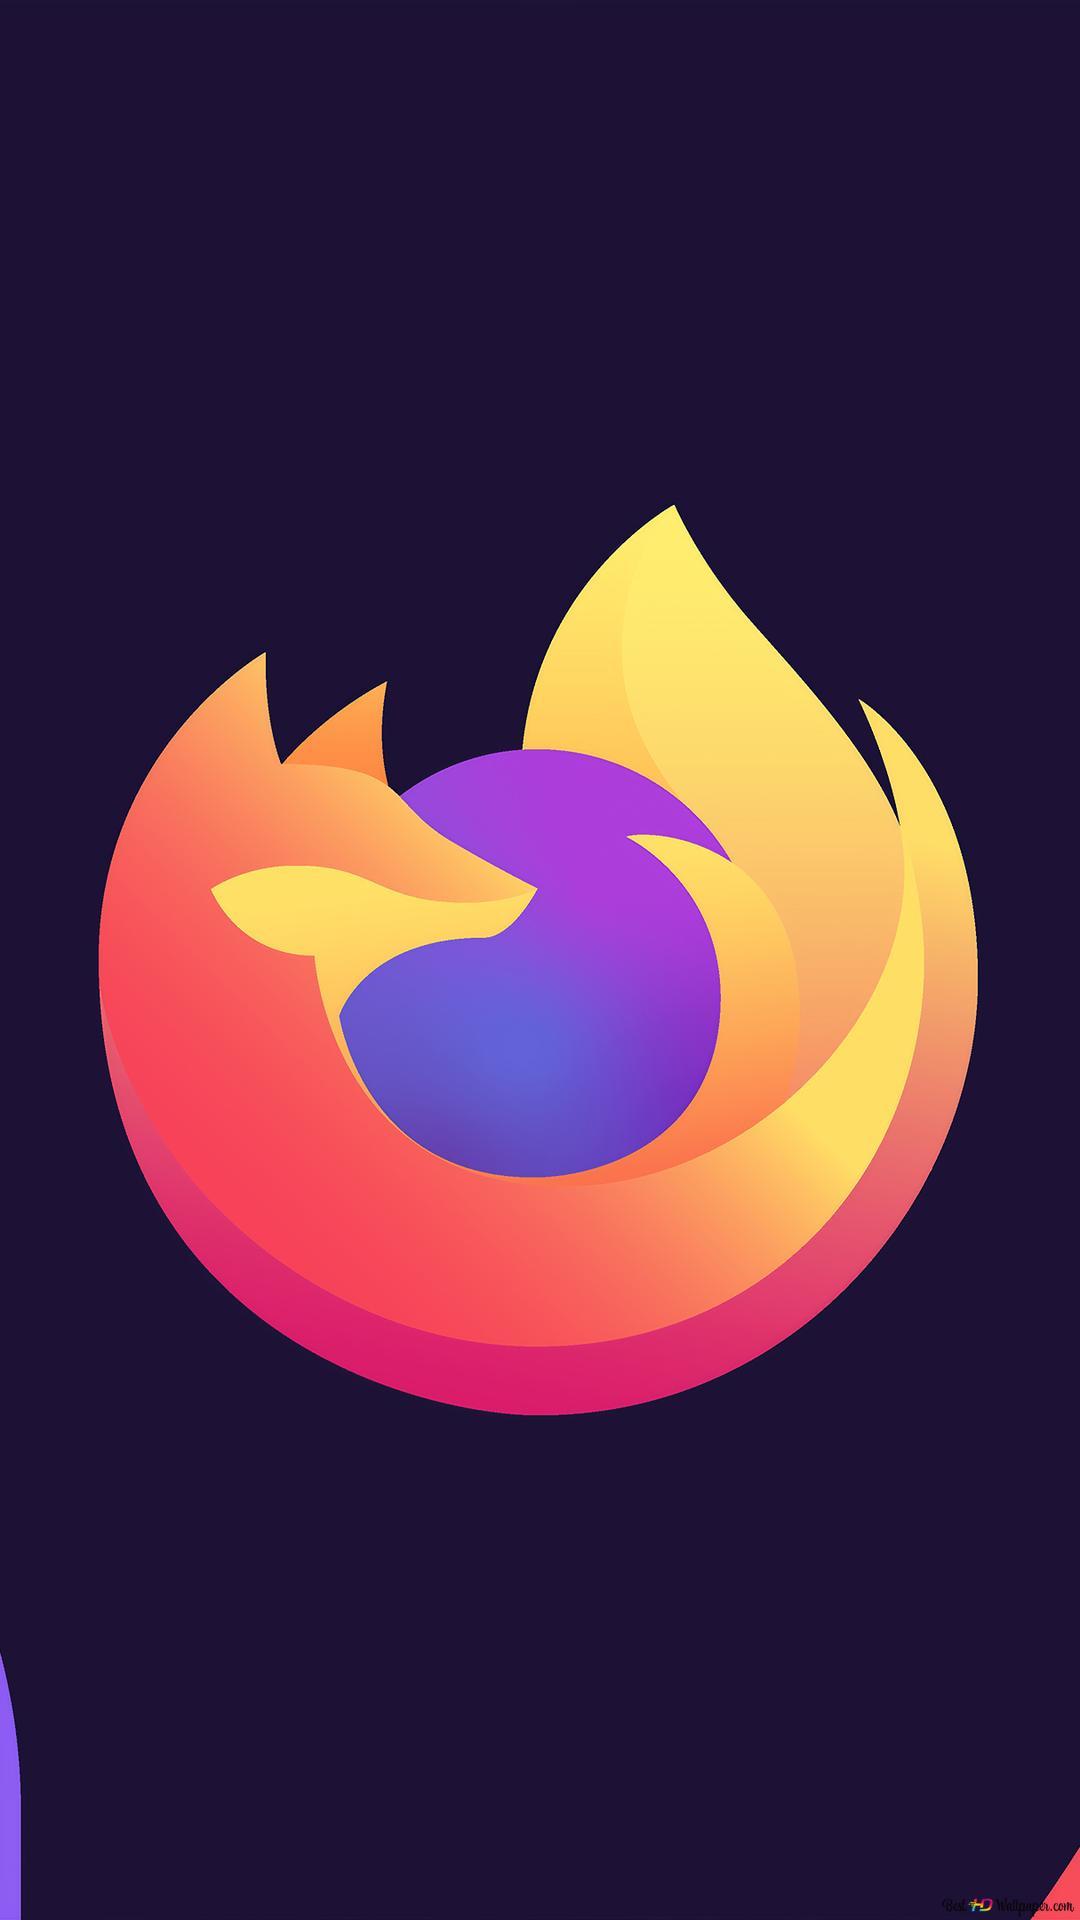 Firefox Minimalist Logo Hd Wallpaper Download